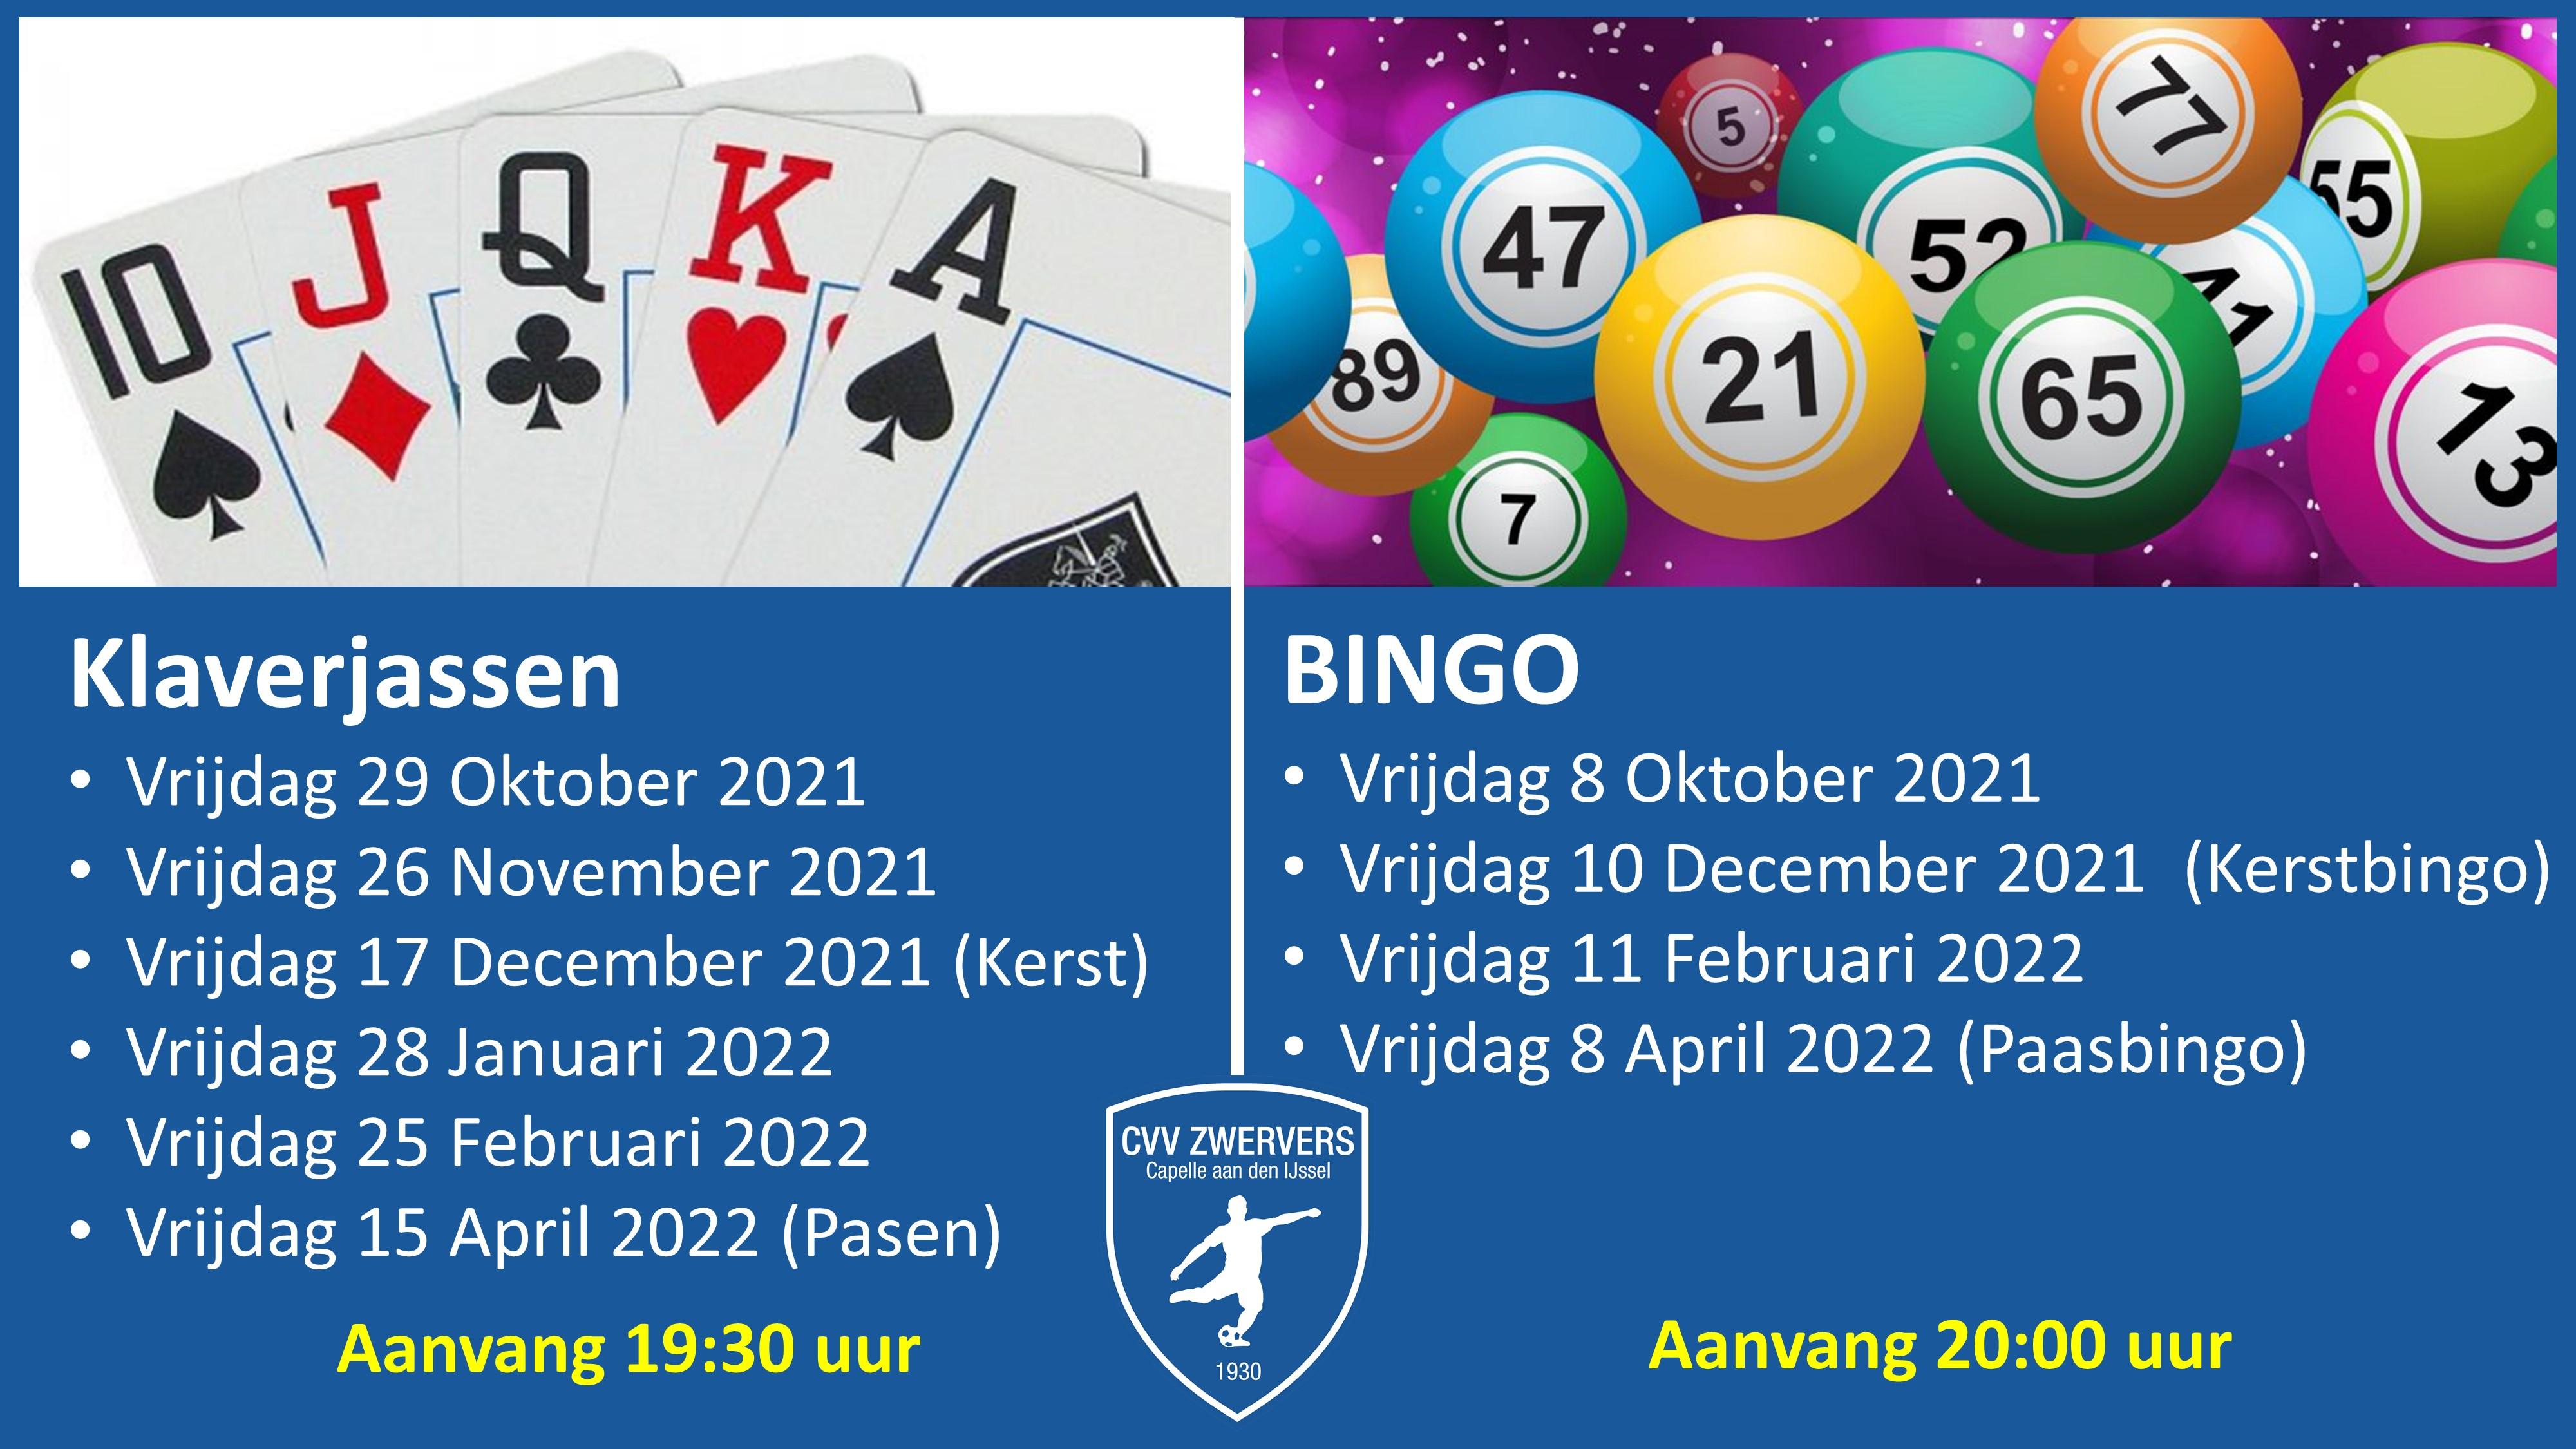 klaverjas en bingo avonden 2021 2022